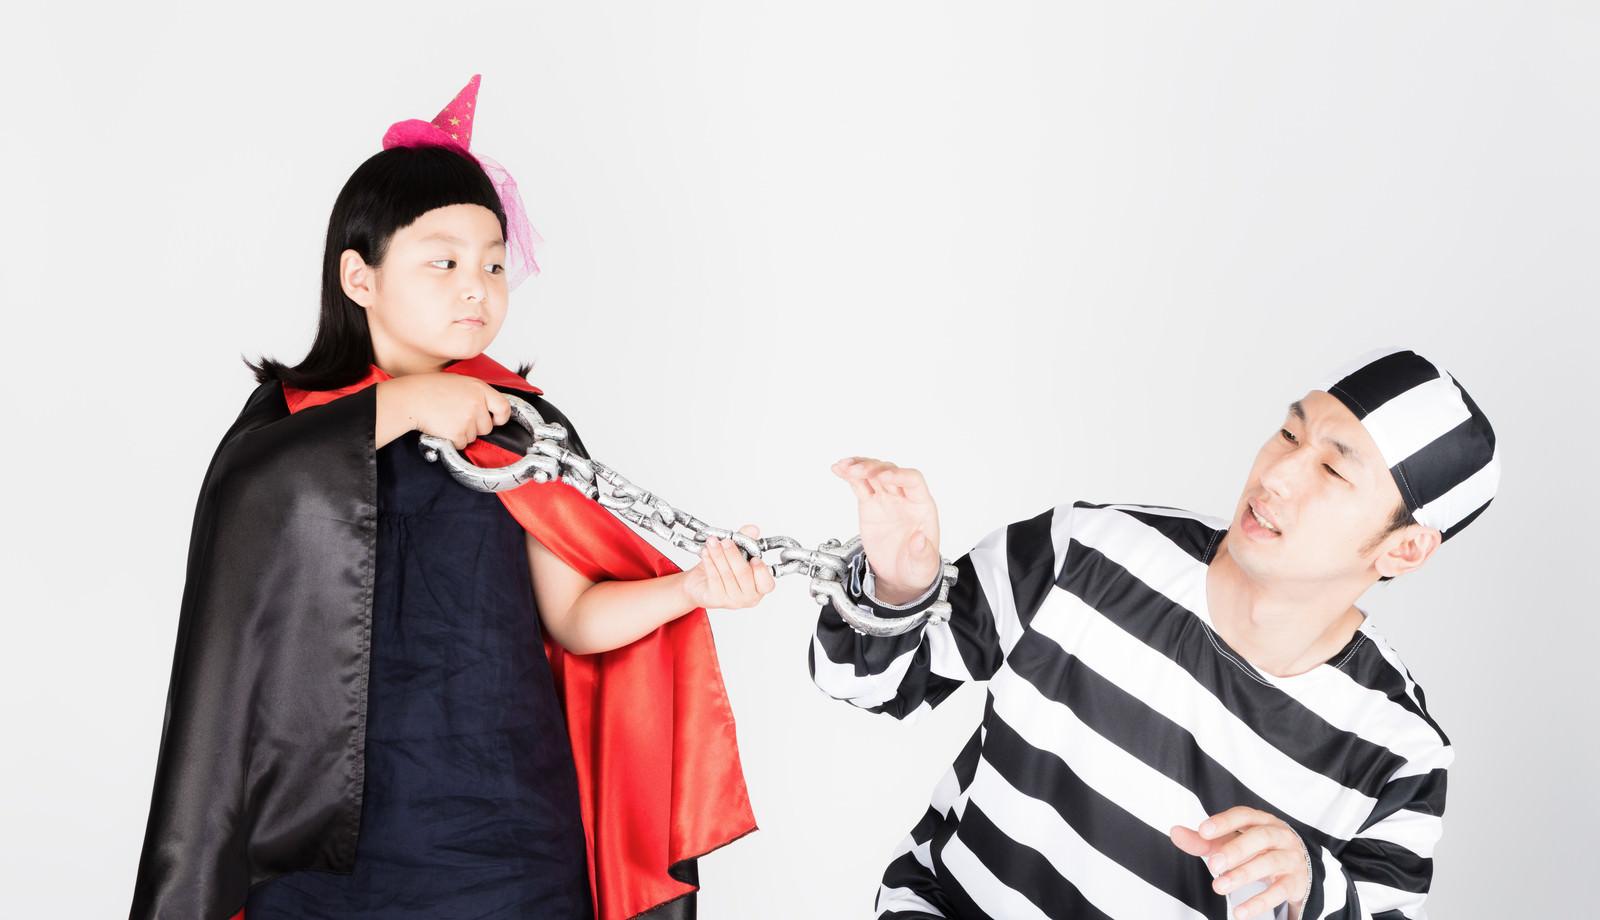 「囚人服のお父さんと魔法使いの娘囚人服のお父さんと魔法使いの娘」[モデル:大川竜弥 ゆうき]のフリー写真素材を拡大